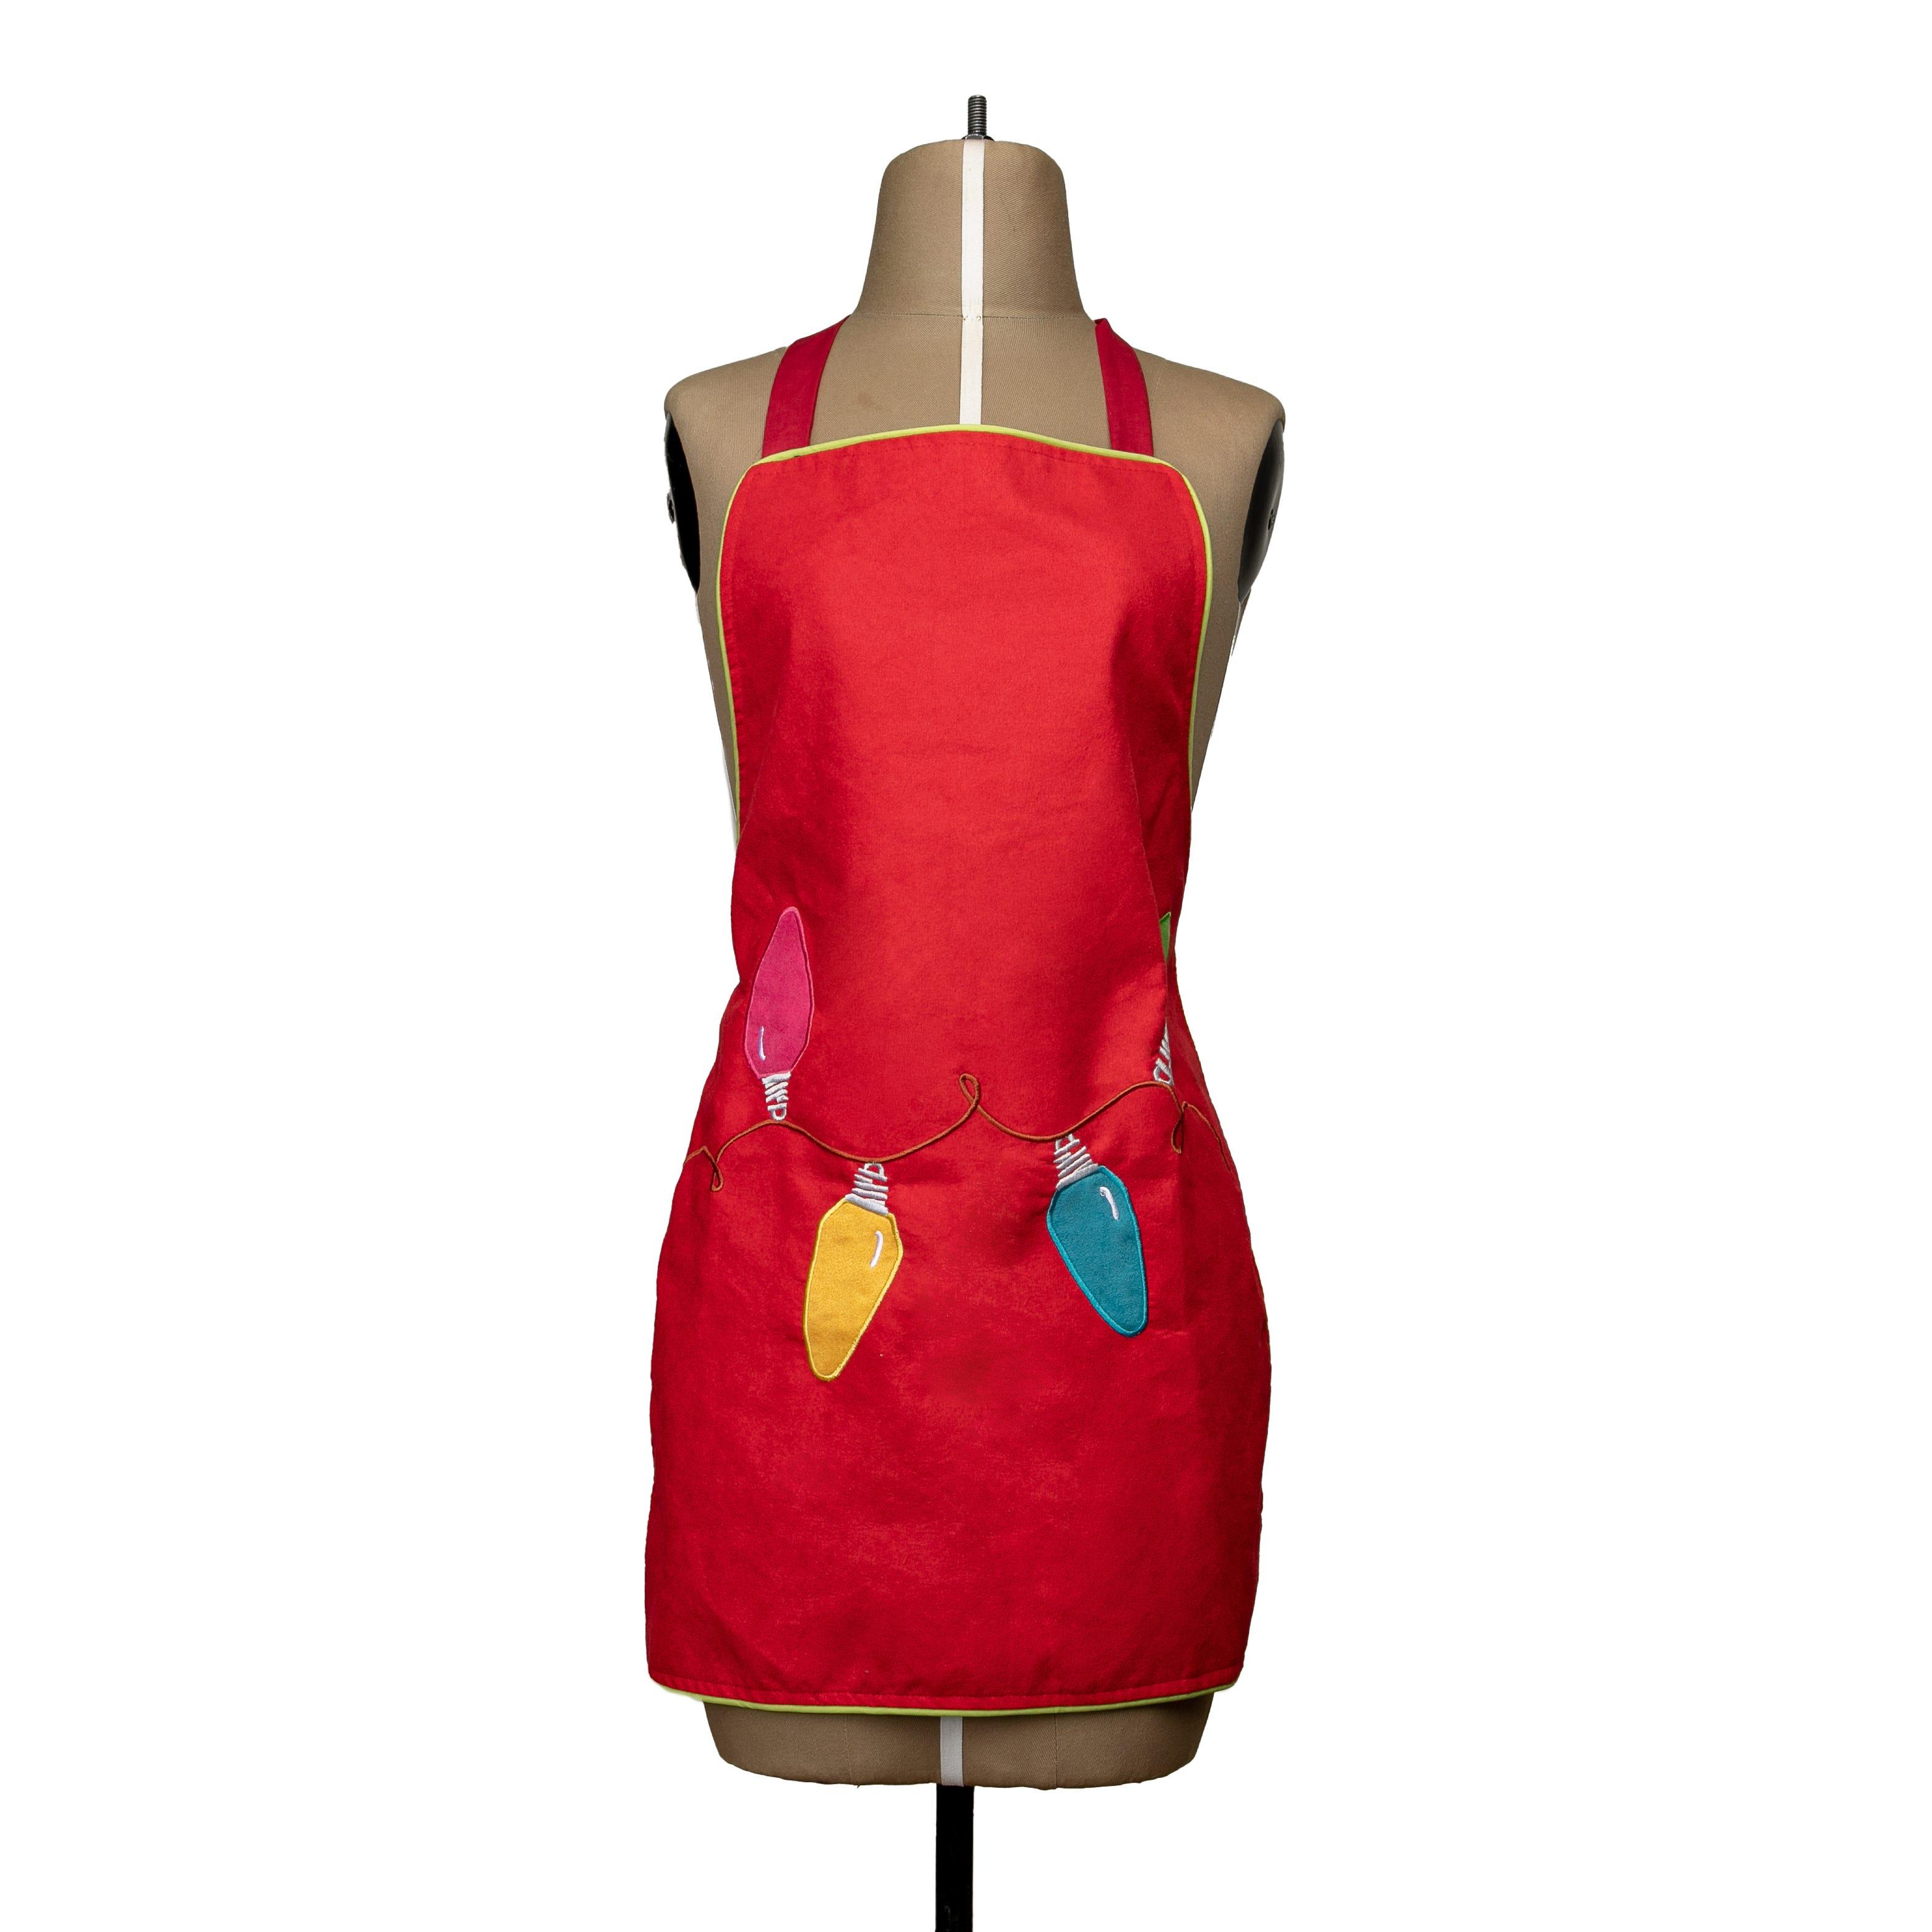 Delantal mediano de poliéster Bartolla™ con diseño de focos color rojo